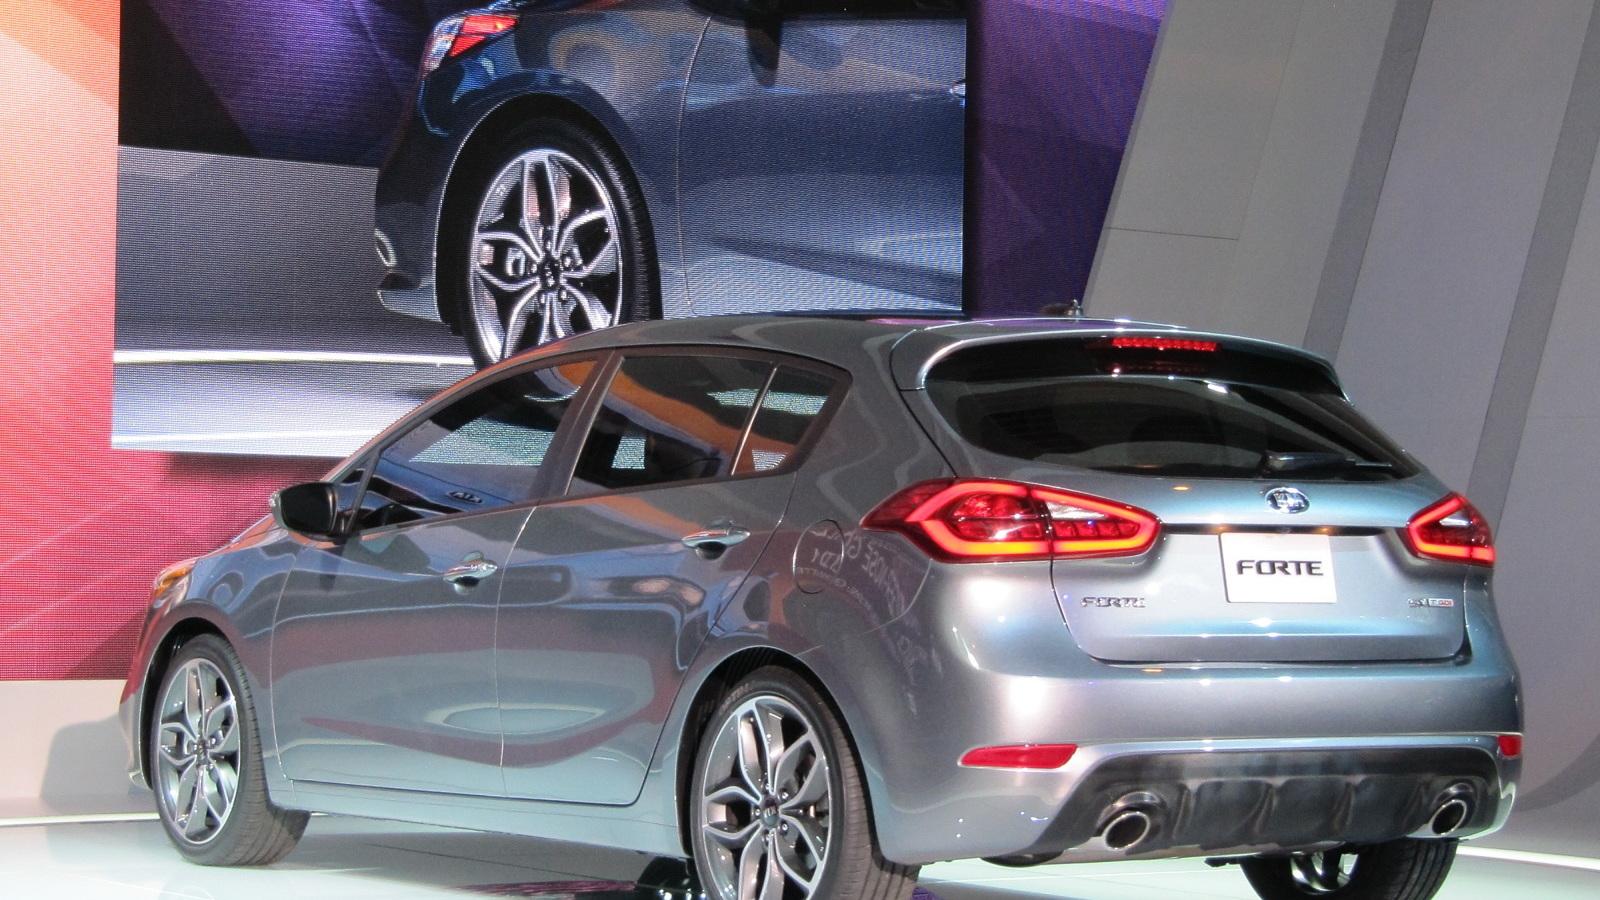 2014 Kia Forte 5-door hatchback, 2013 Chicago Auto Show